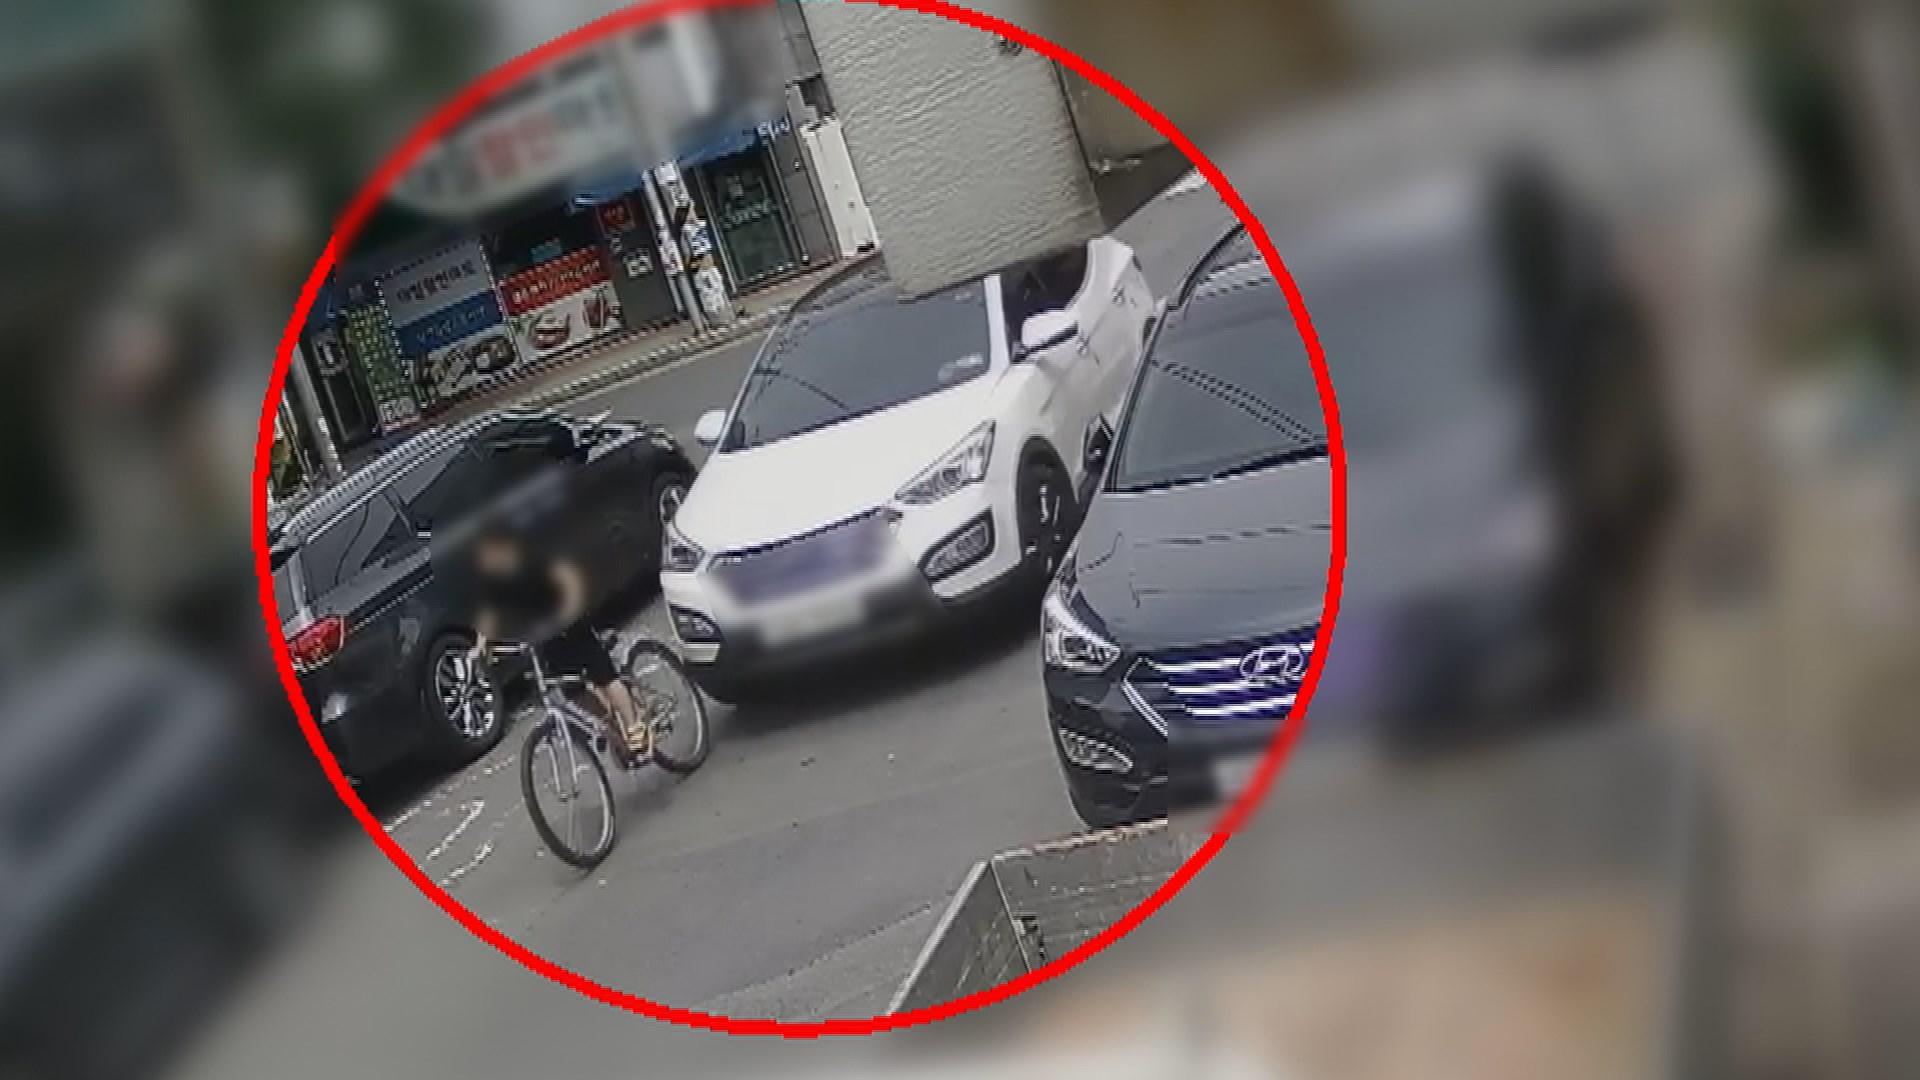 [SNS 핫피플] 경주 어린이보호구역 사고 운전자 구속영장 신청 外